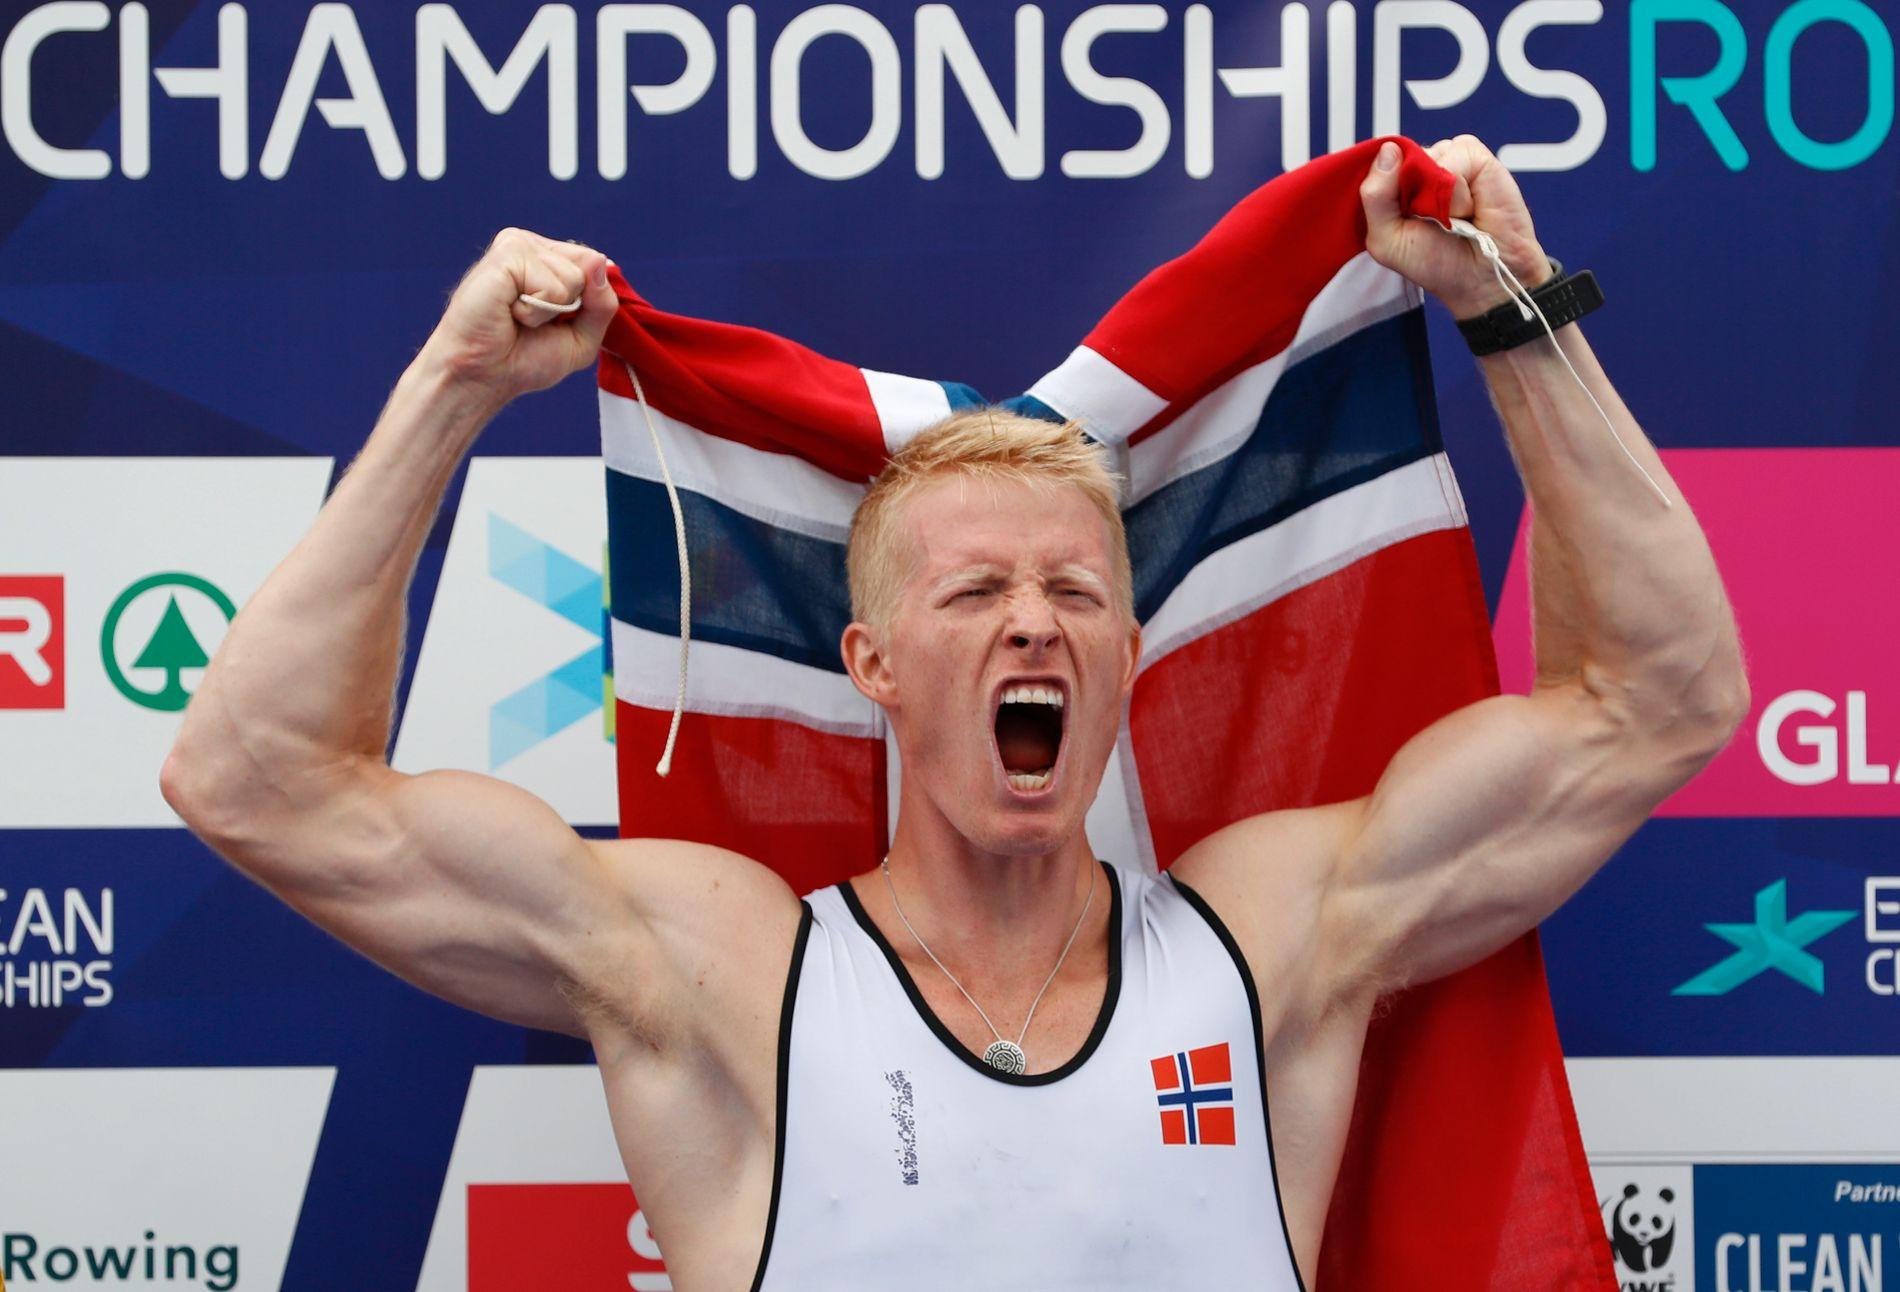 Så glad blir en utøver som tar et EM-gull. Borch vant i Glasgow i sommer.